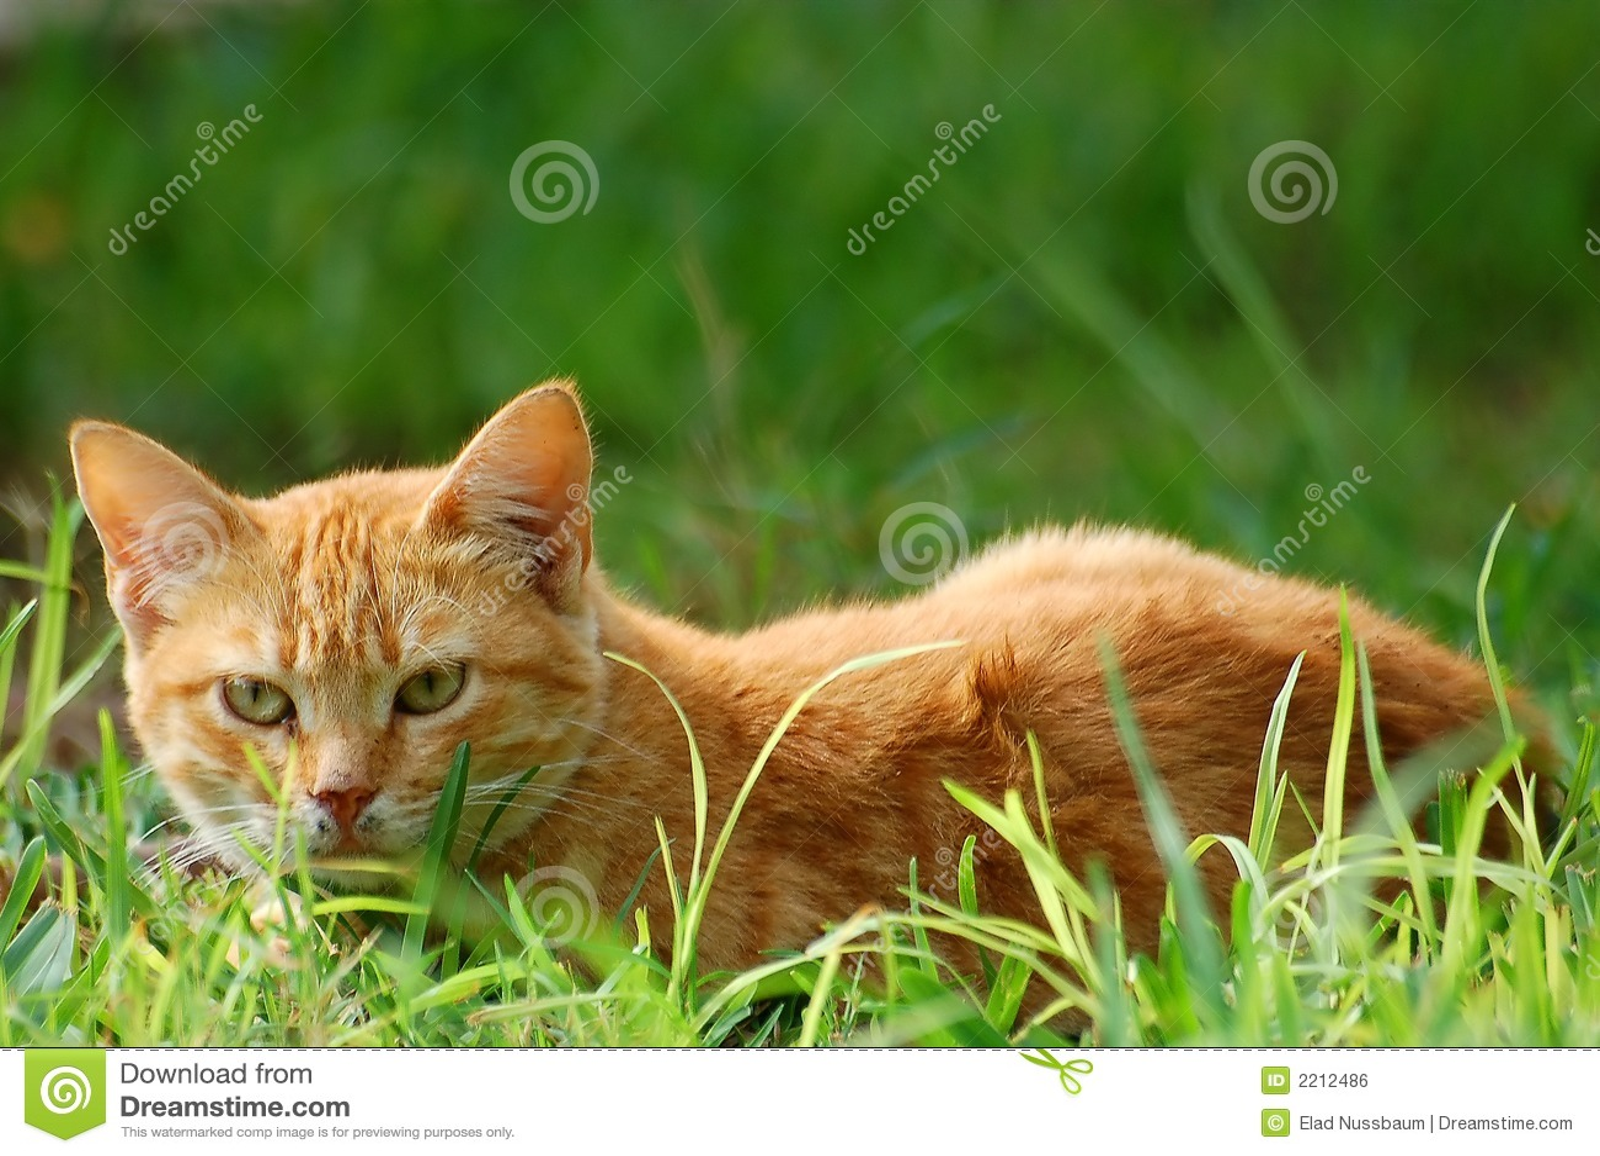 un chat dans l 39 herbe image libre de droits image 2212486. Black Bedroom Furniture Sets. Home Design Ideas